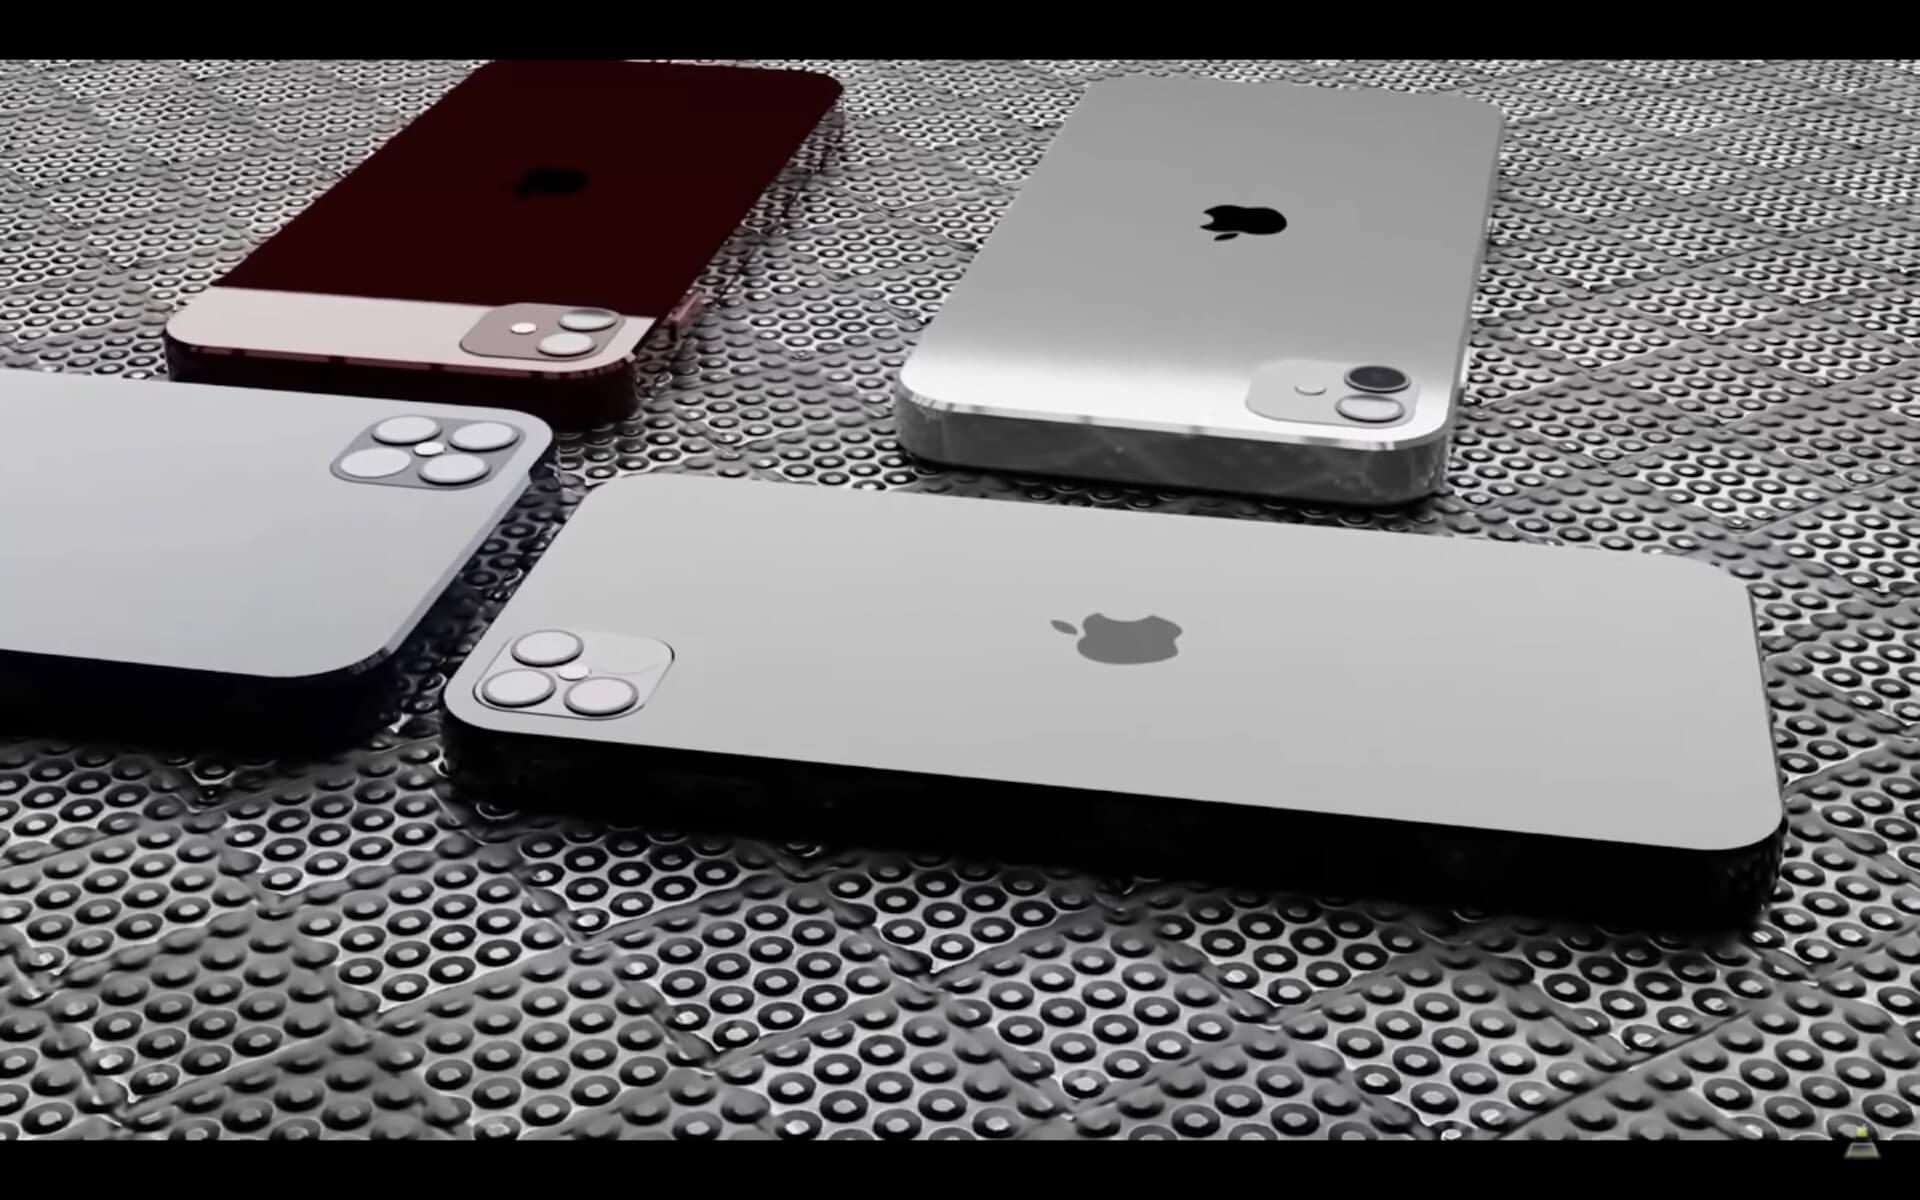 iPhone 12シリーズの新たなコンセプト映像が公開!豊富なカラーバリエーションに注目 tech200722_iphone12_4